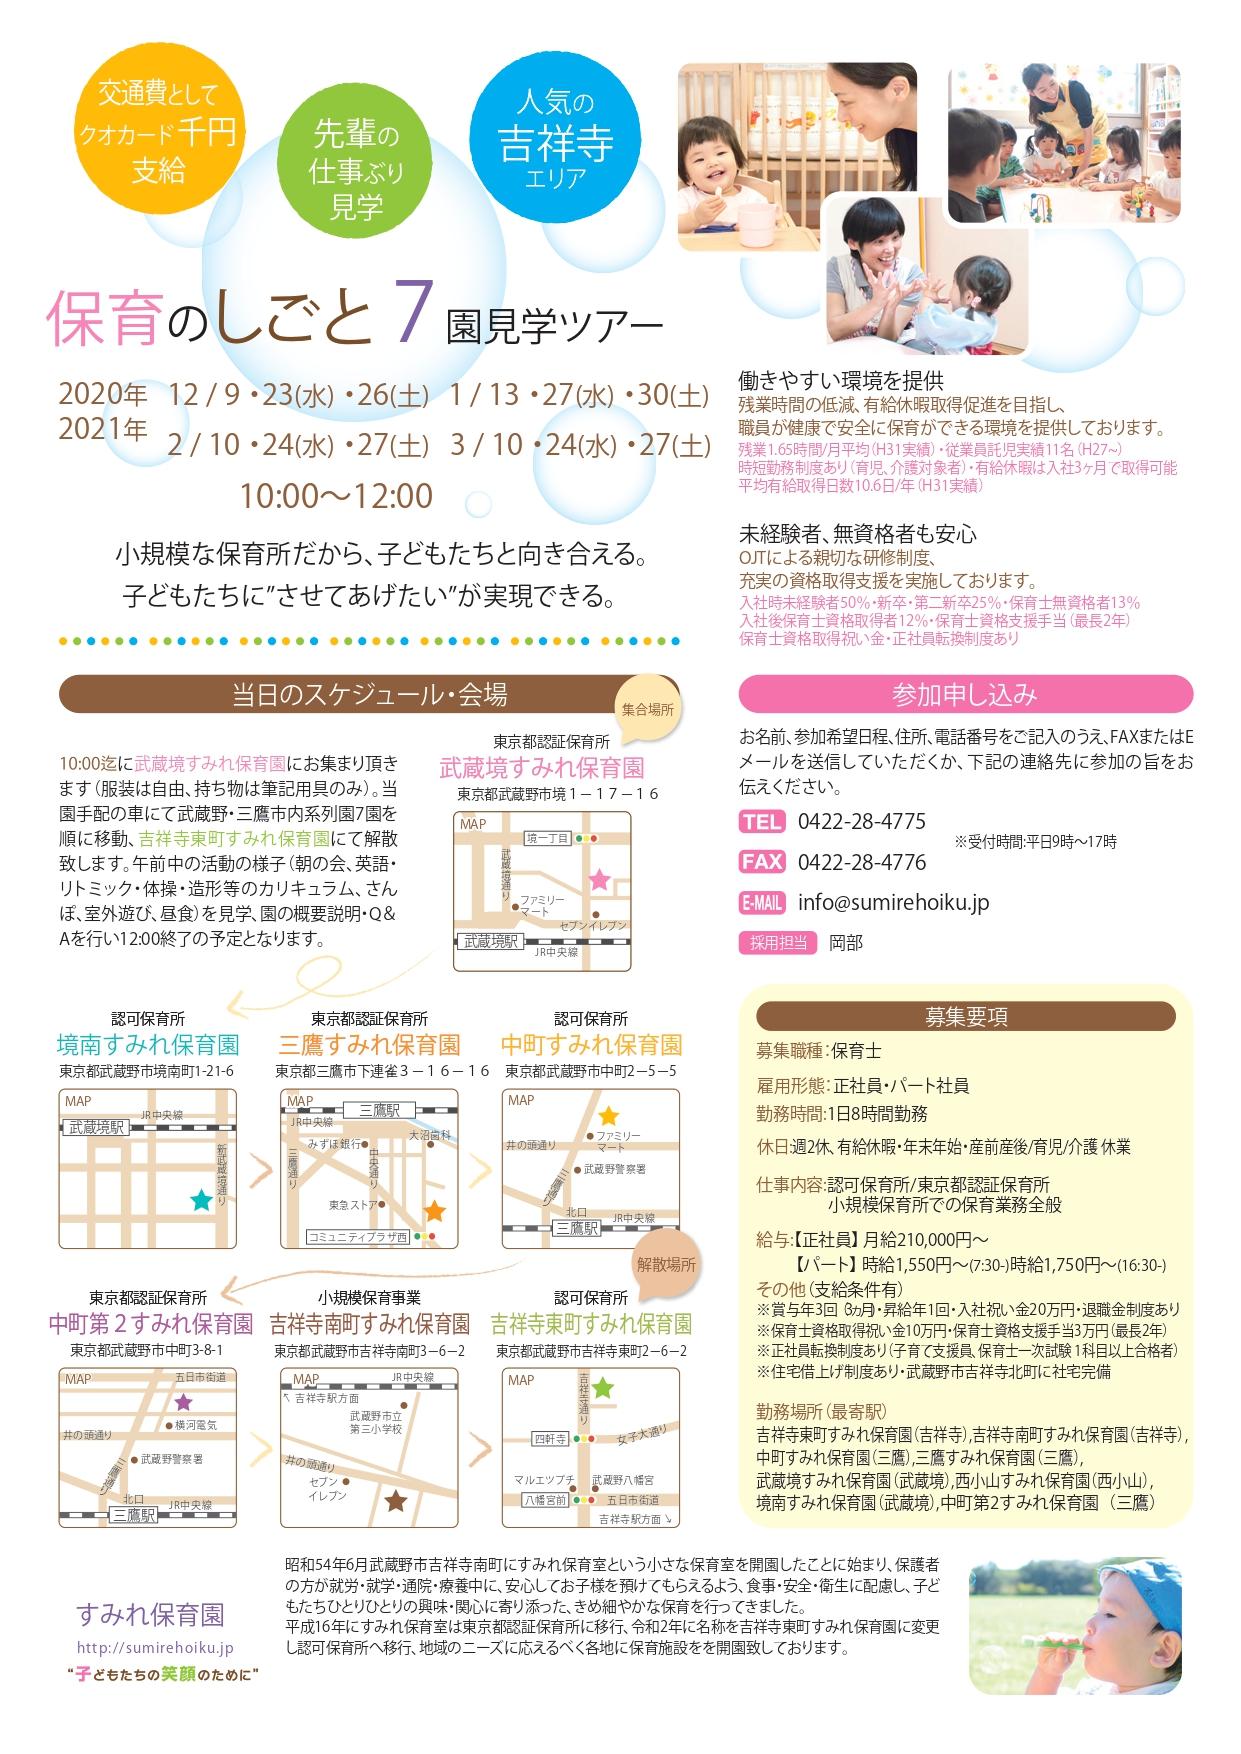 kenngaku7 202008_2020011_page-0001 (2)